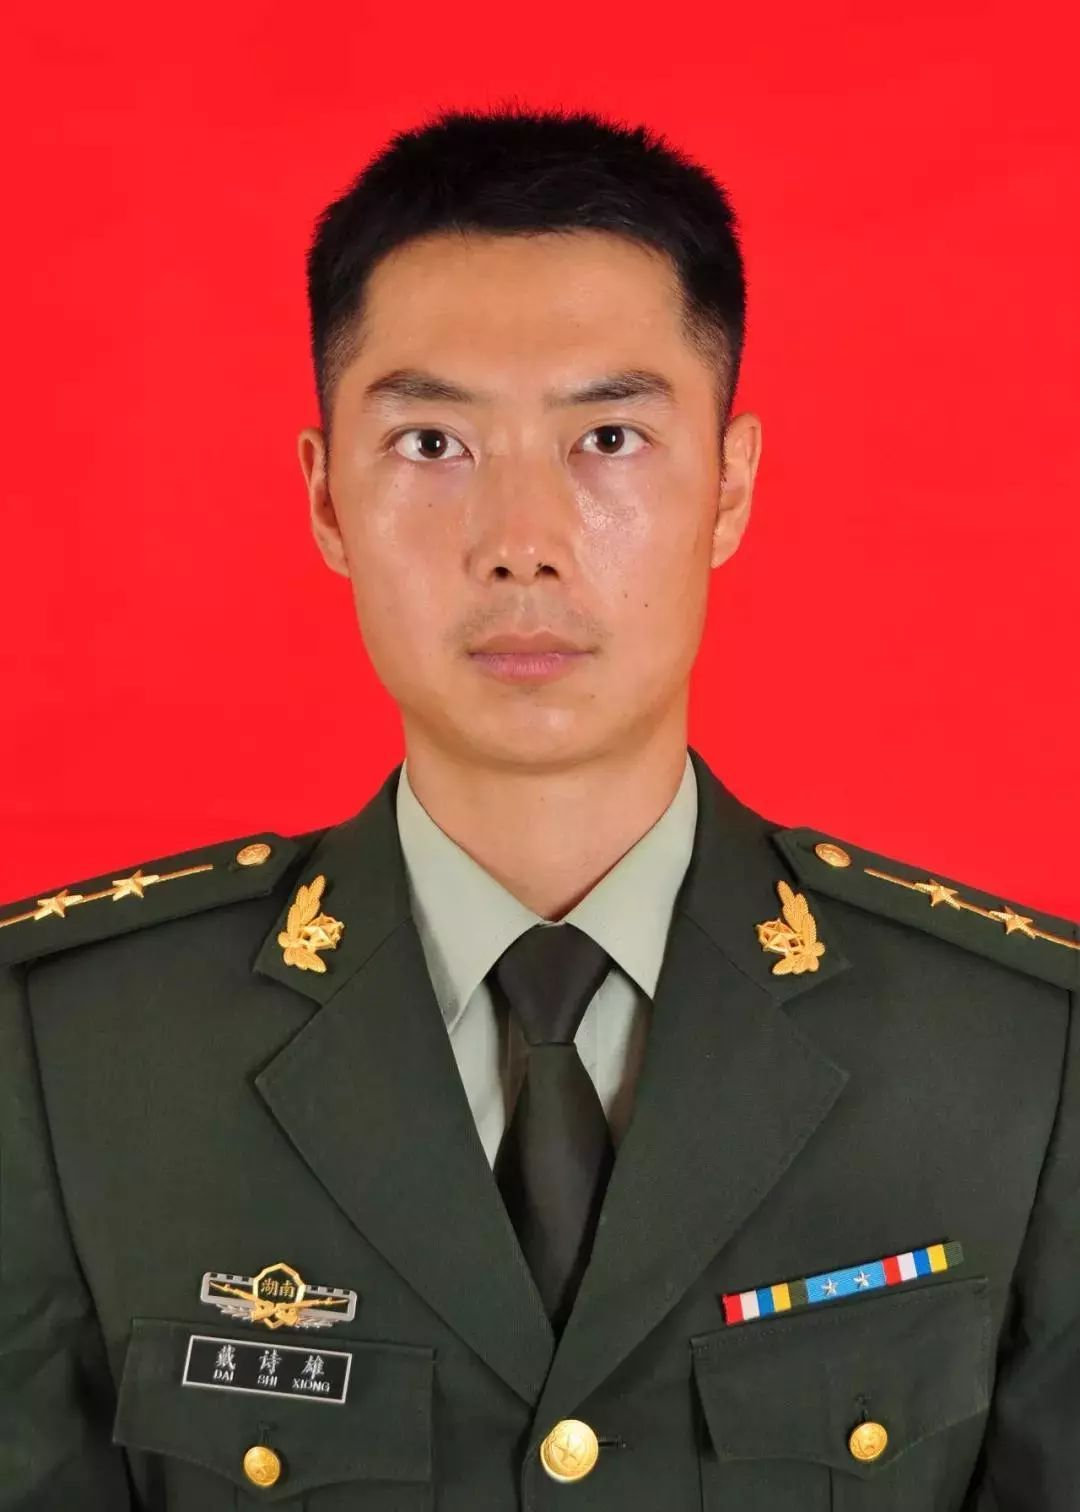 武警衡阳支队中尉警官戴诗雄当选第二十一届